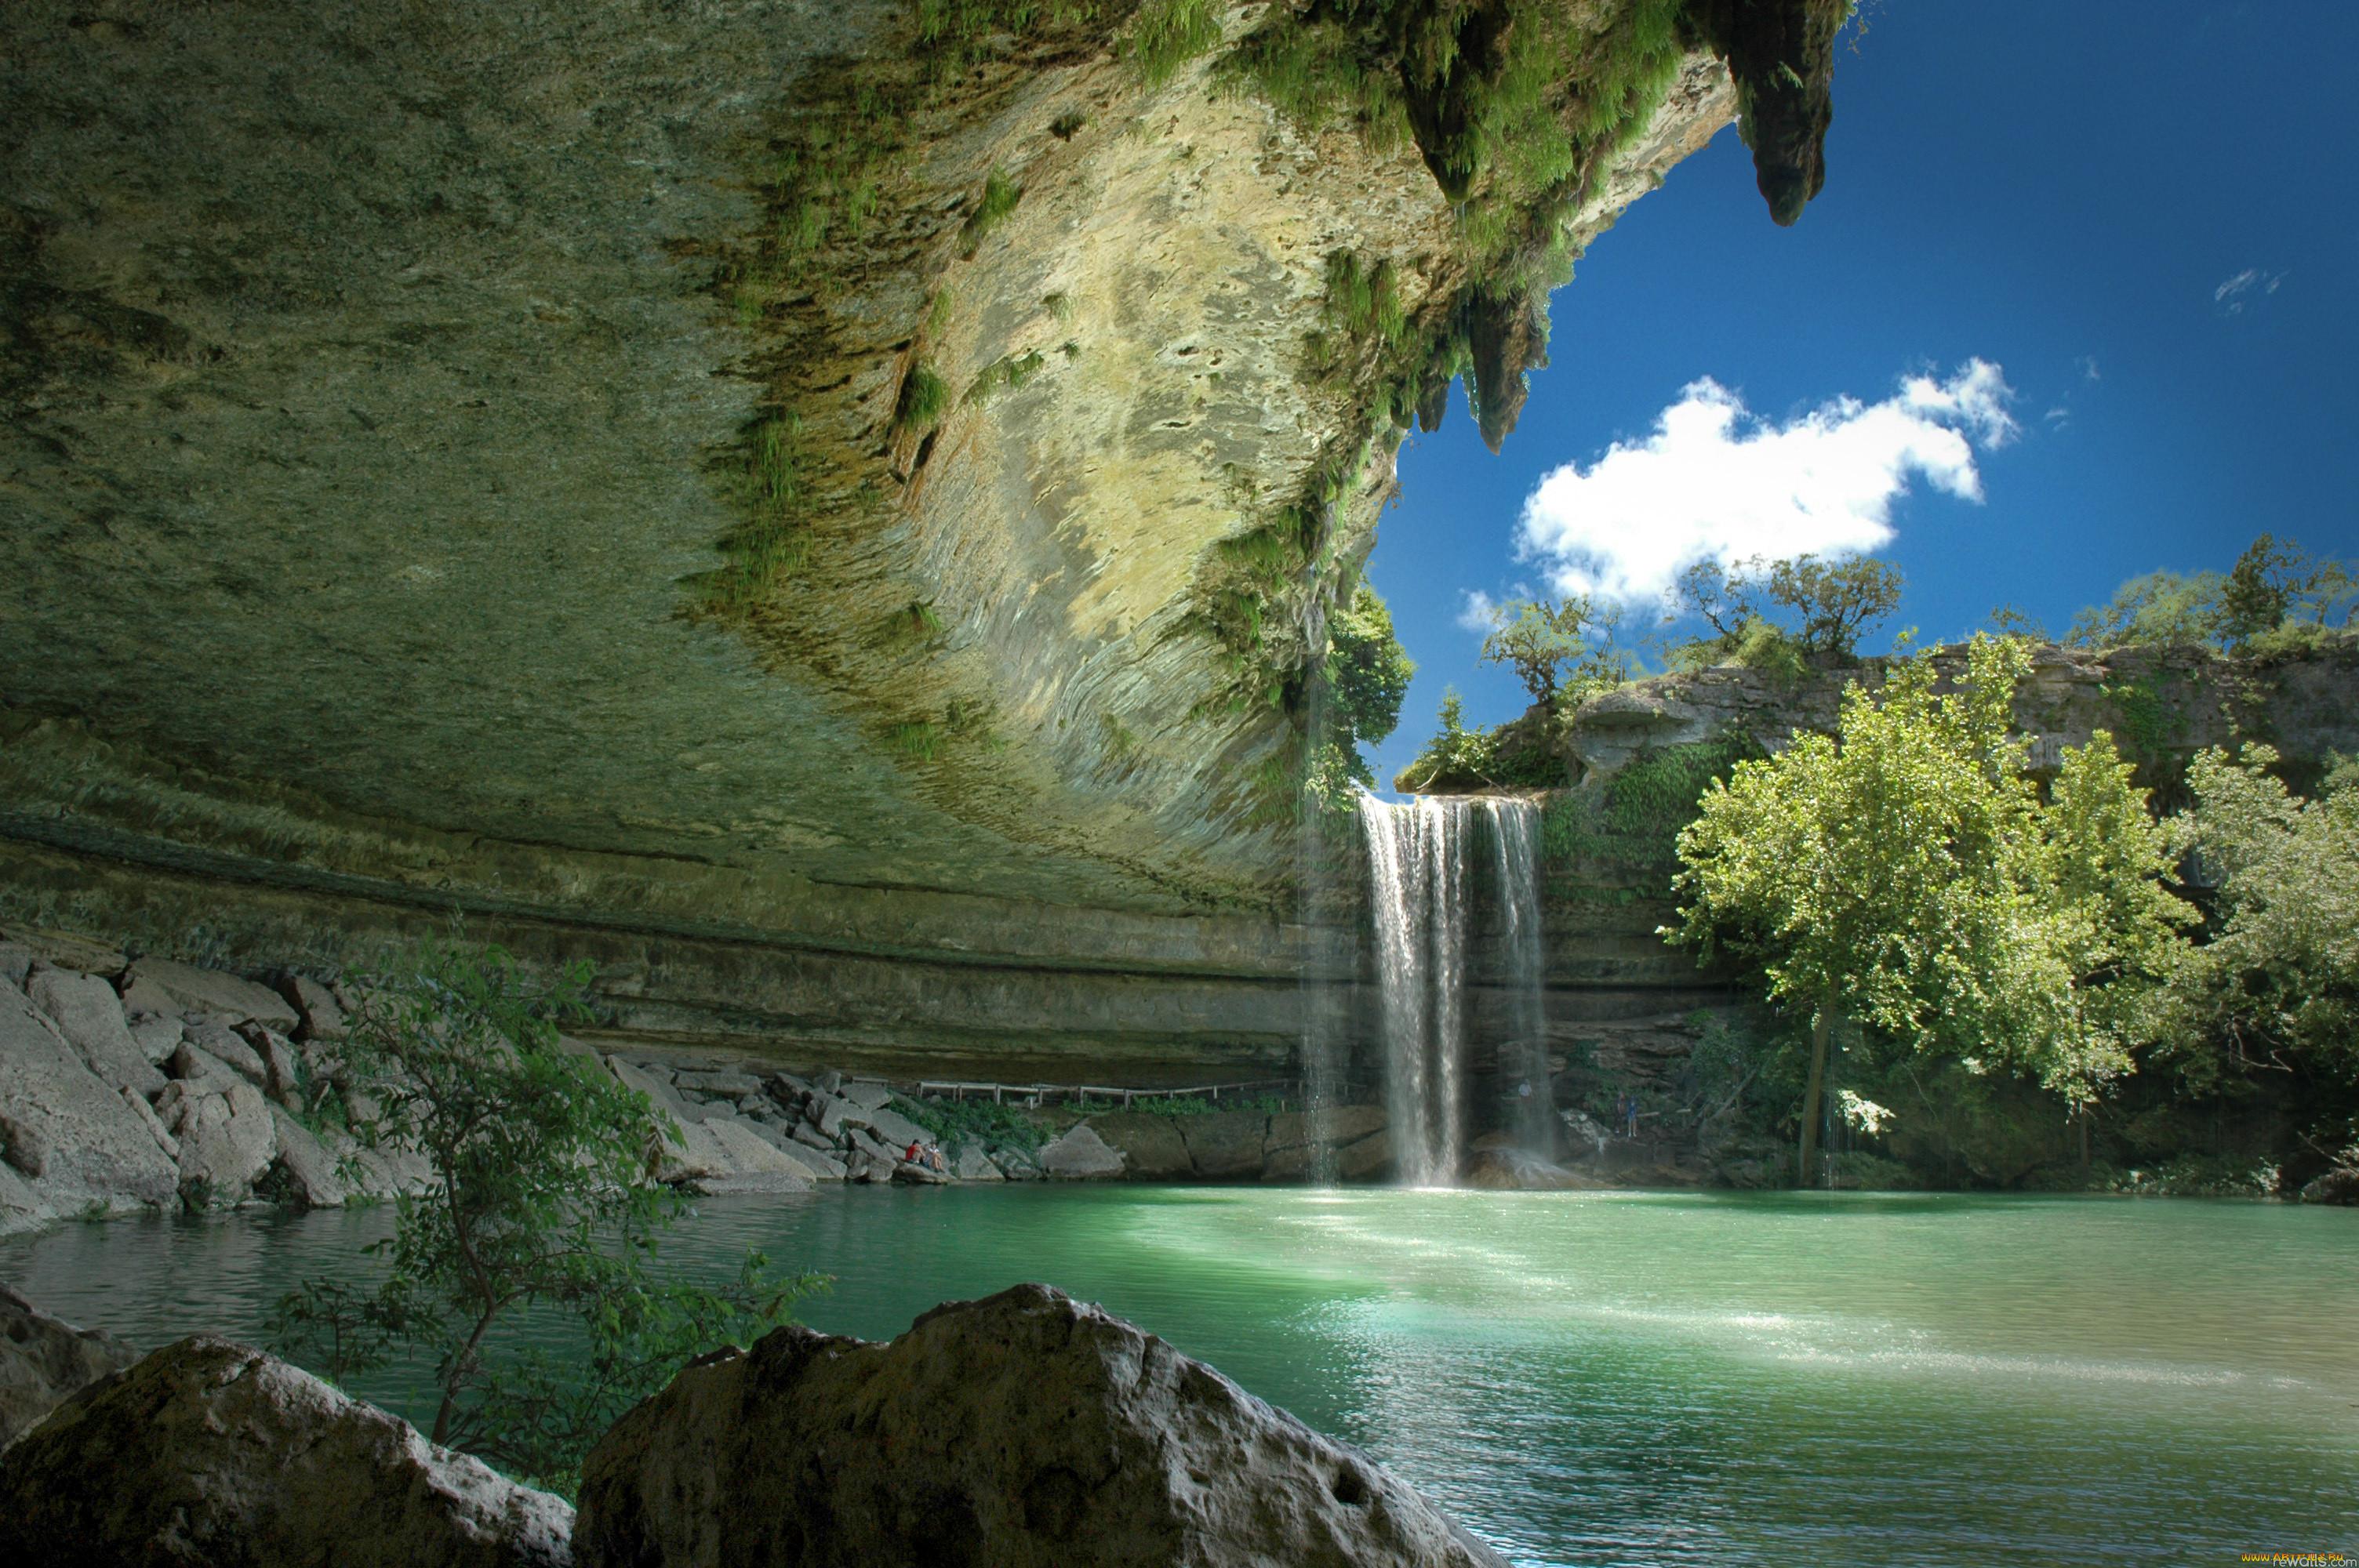 лучшие фото мира природа таким картам можно